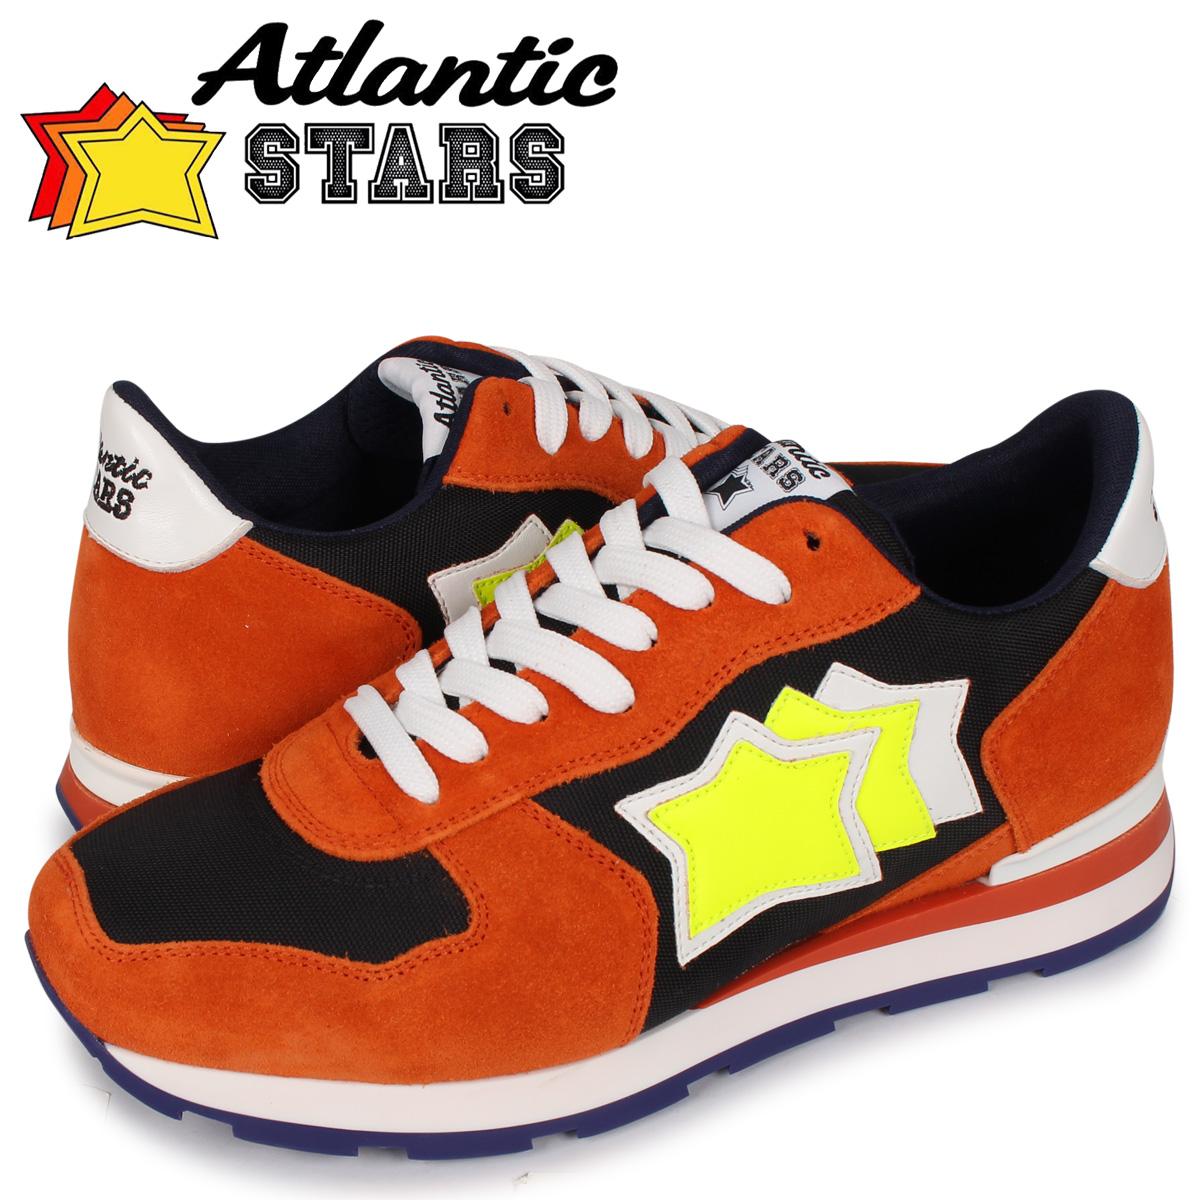 アトランティックスターズ Atlantic STARS アンタレス スニーカー メンズ ANTARES オレンジ ONN-16B [4/7 新入荷]